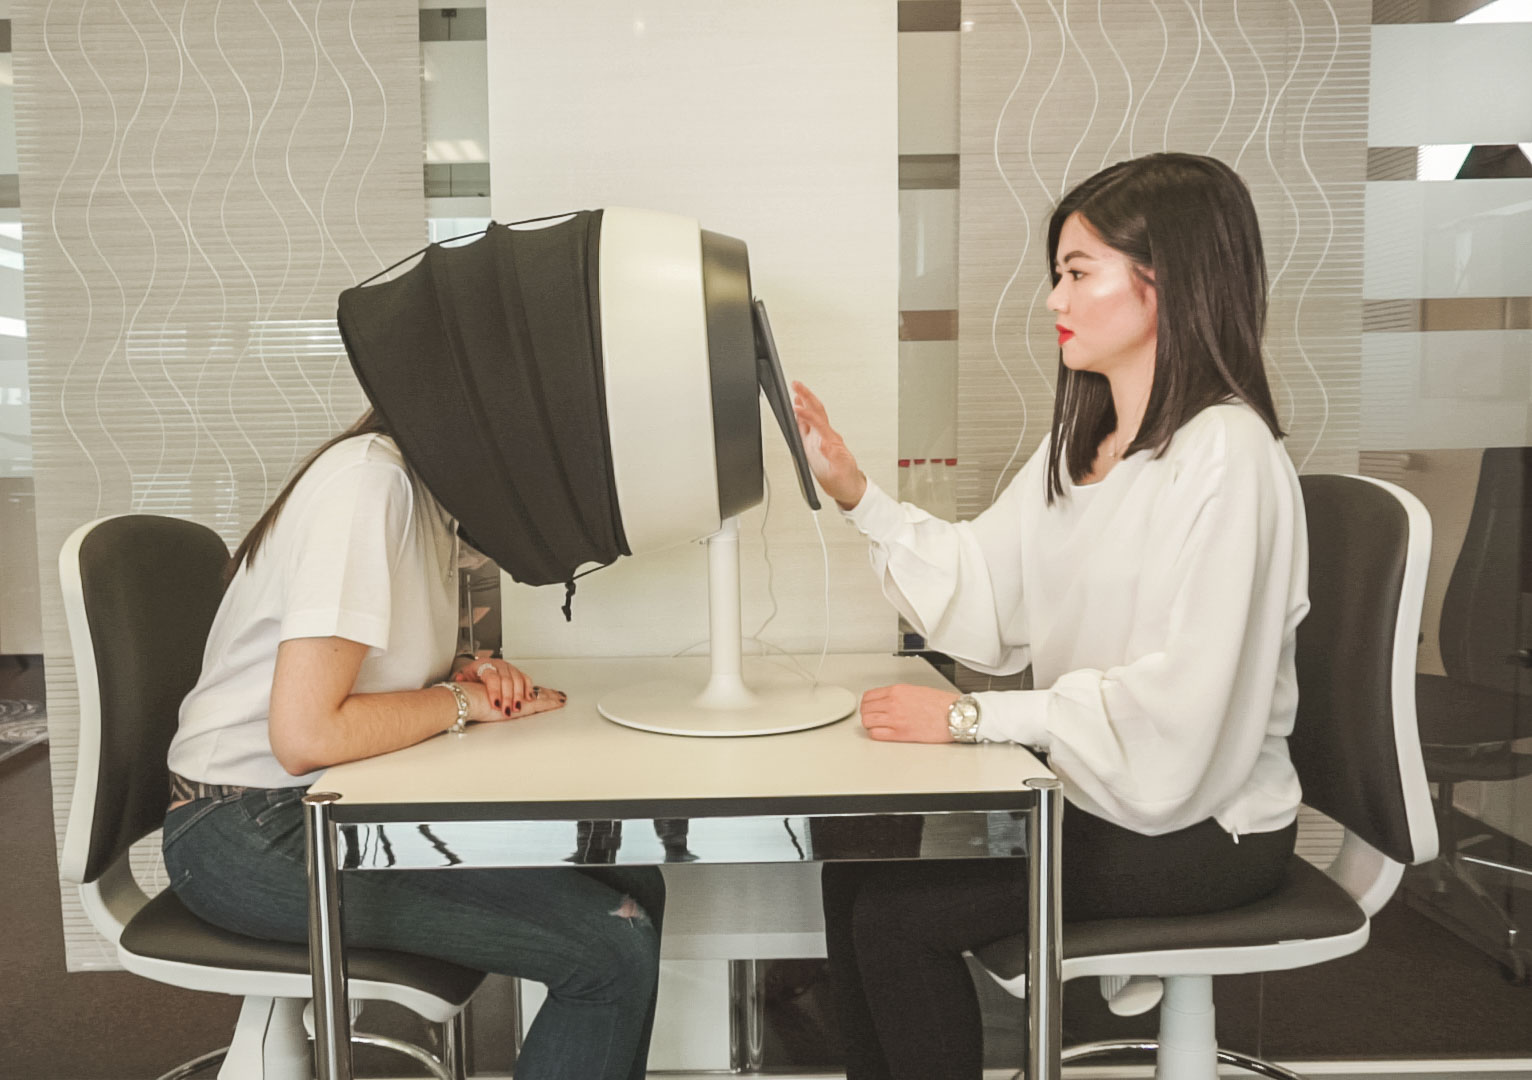 KSAE Korean Beauty Care Stuttgart Professionelle Hautanalyse mit Observ